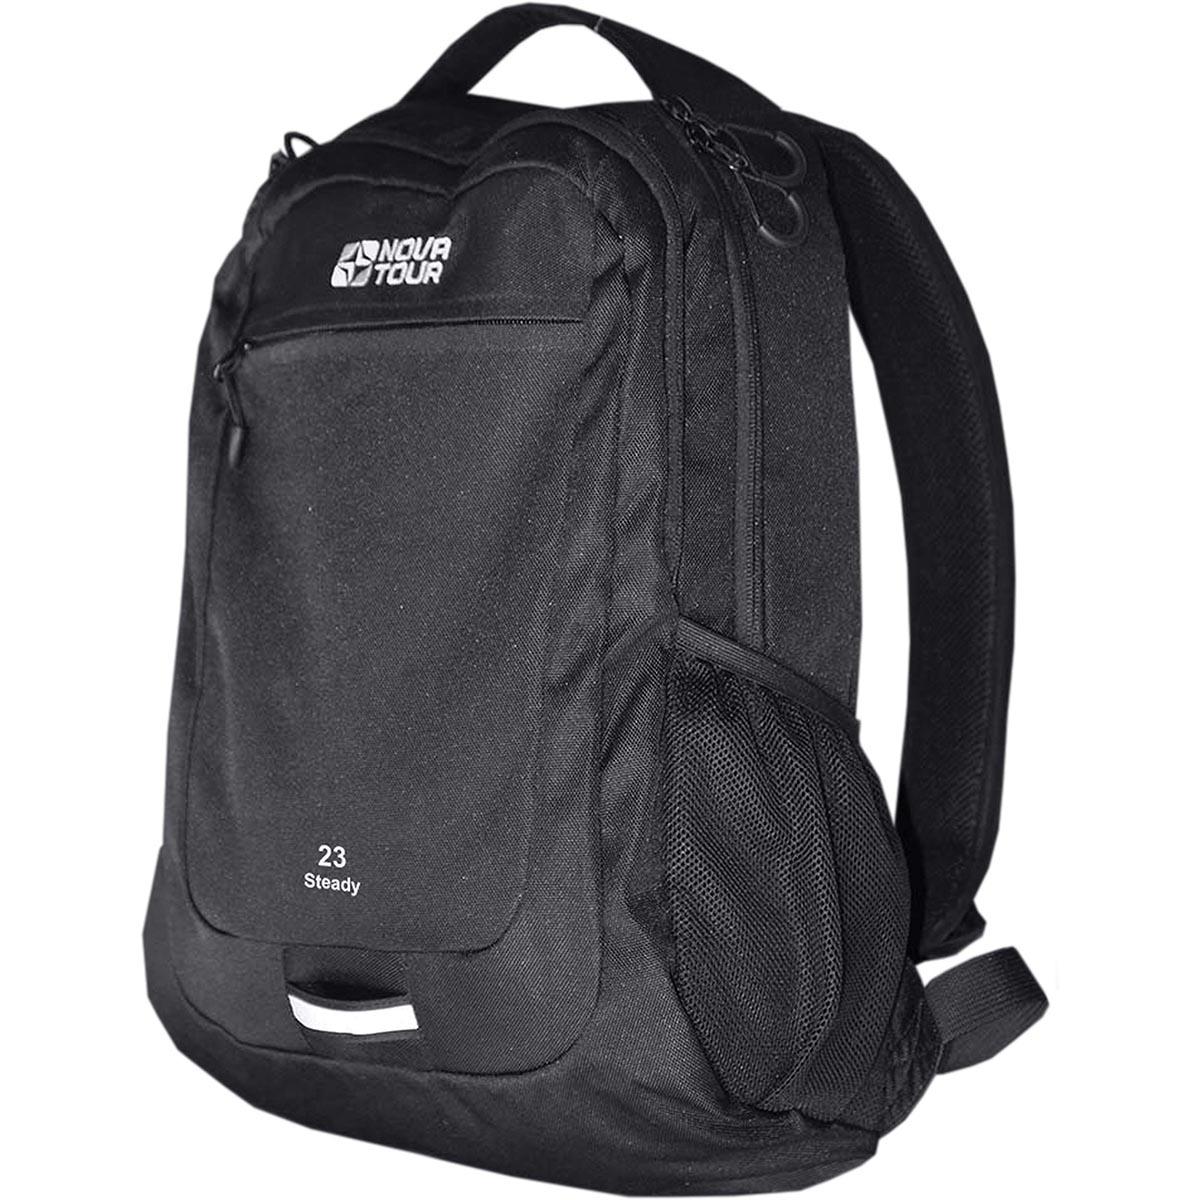 Рюкзак городской Nova Tour Стади 23, цвет: черный, 20 л рюкзак городской nova tour вижн цвет черный серый 20 л